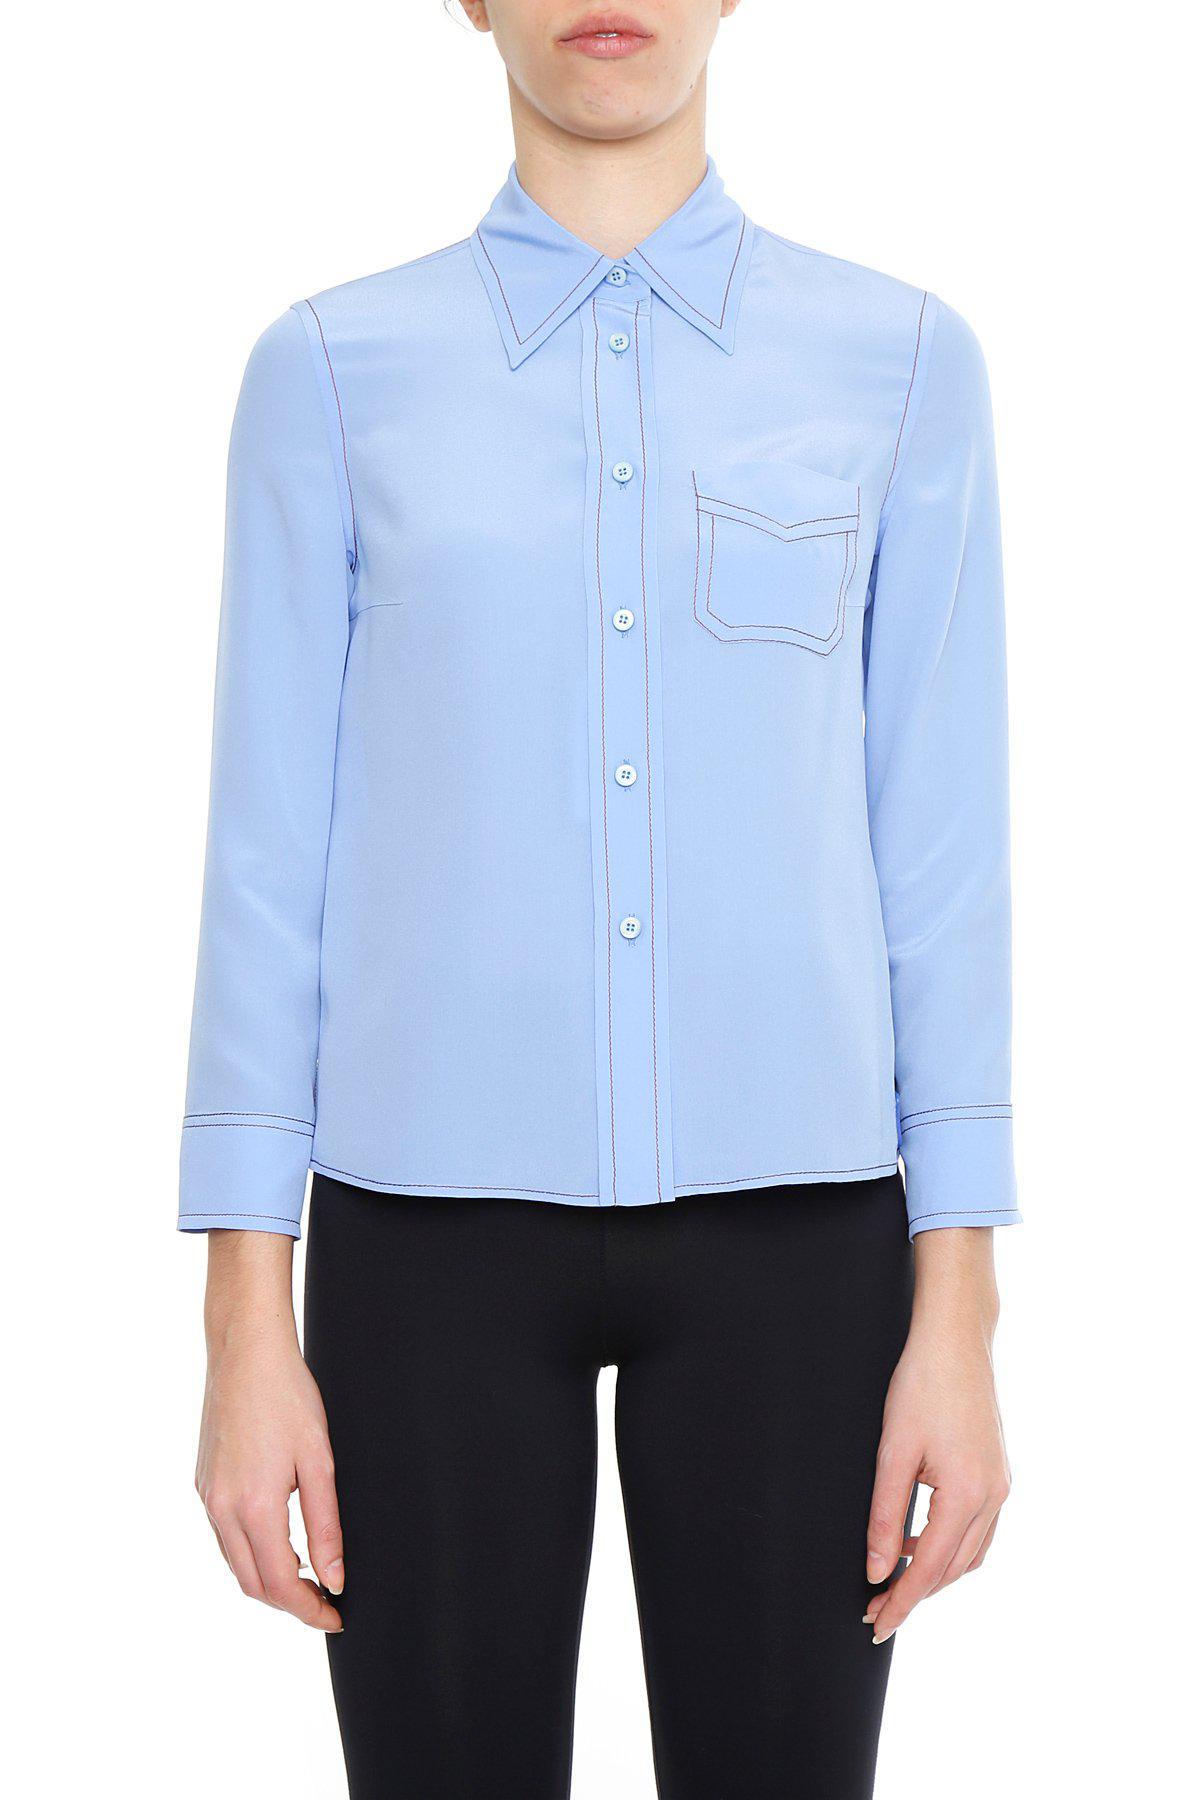 e40ca2d20c4bb Lyst - Prada Top Stitch Detailed Shirt in Blue